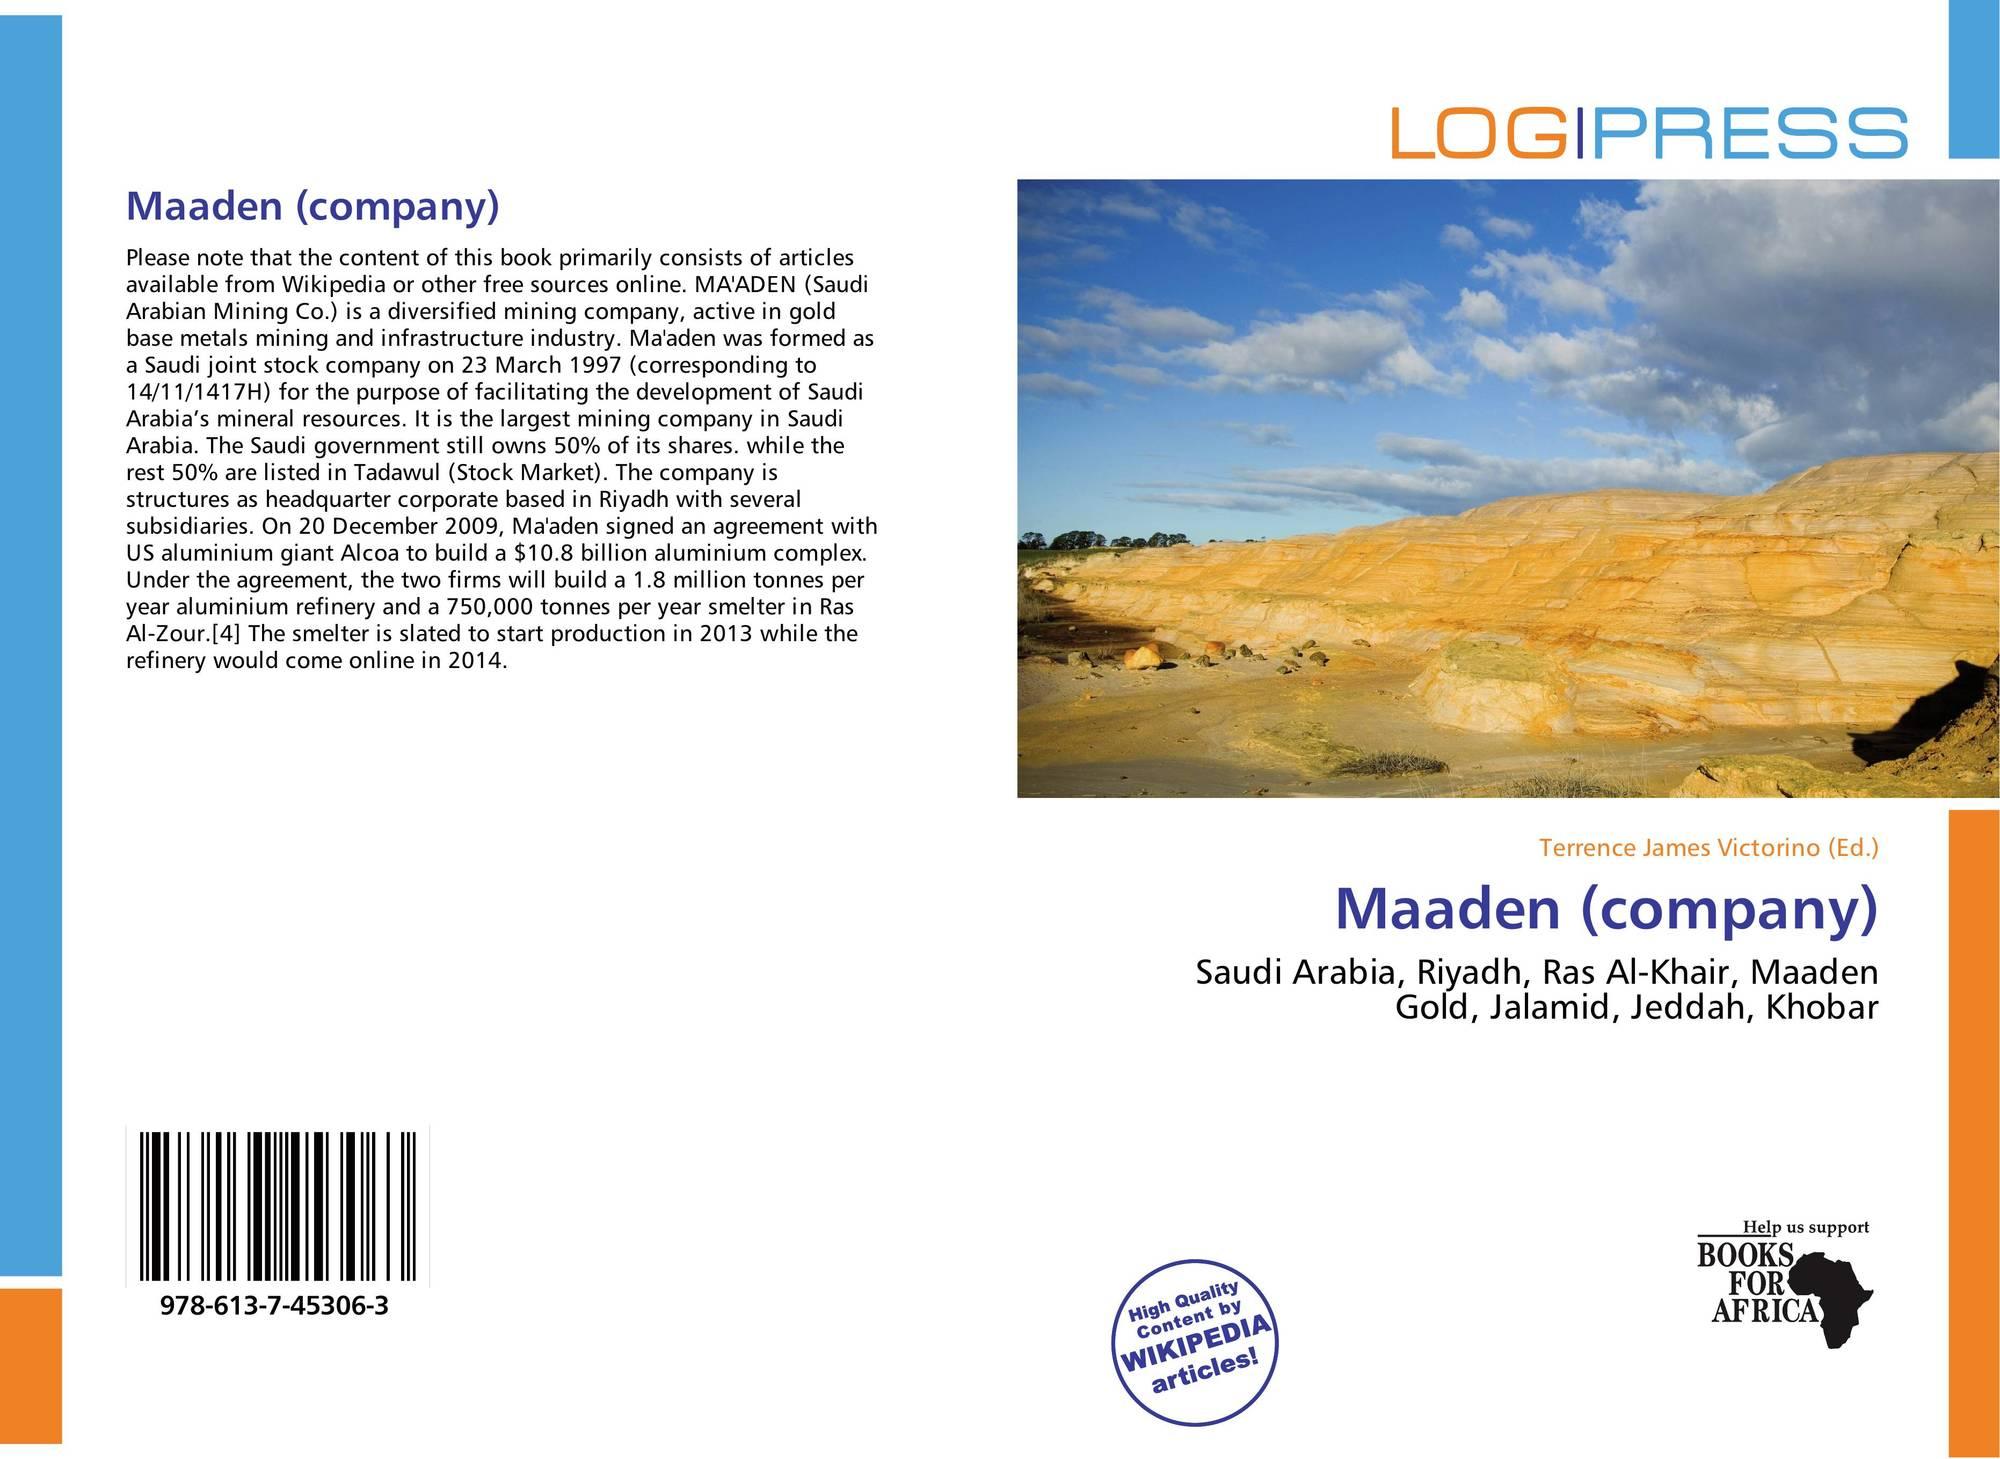 Maaden (company), 978-613-7-45306-3, 6137453065 ,9786137453063